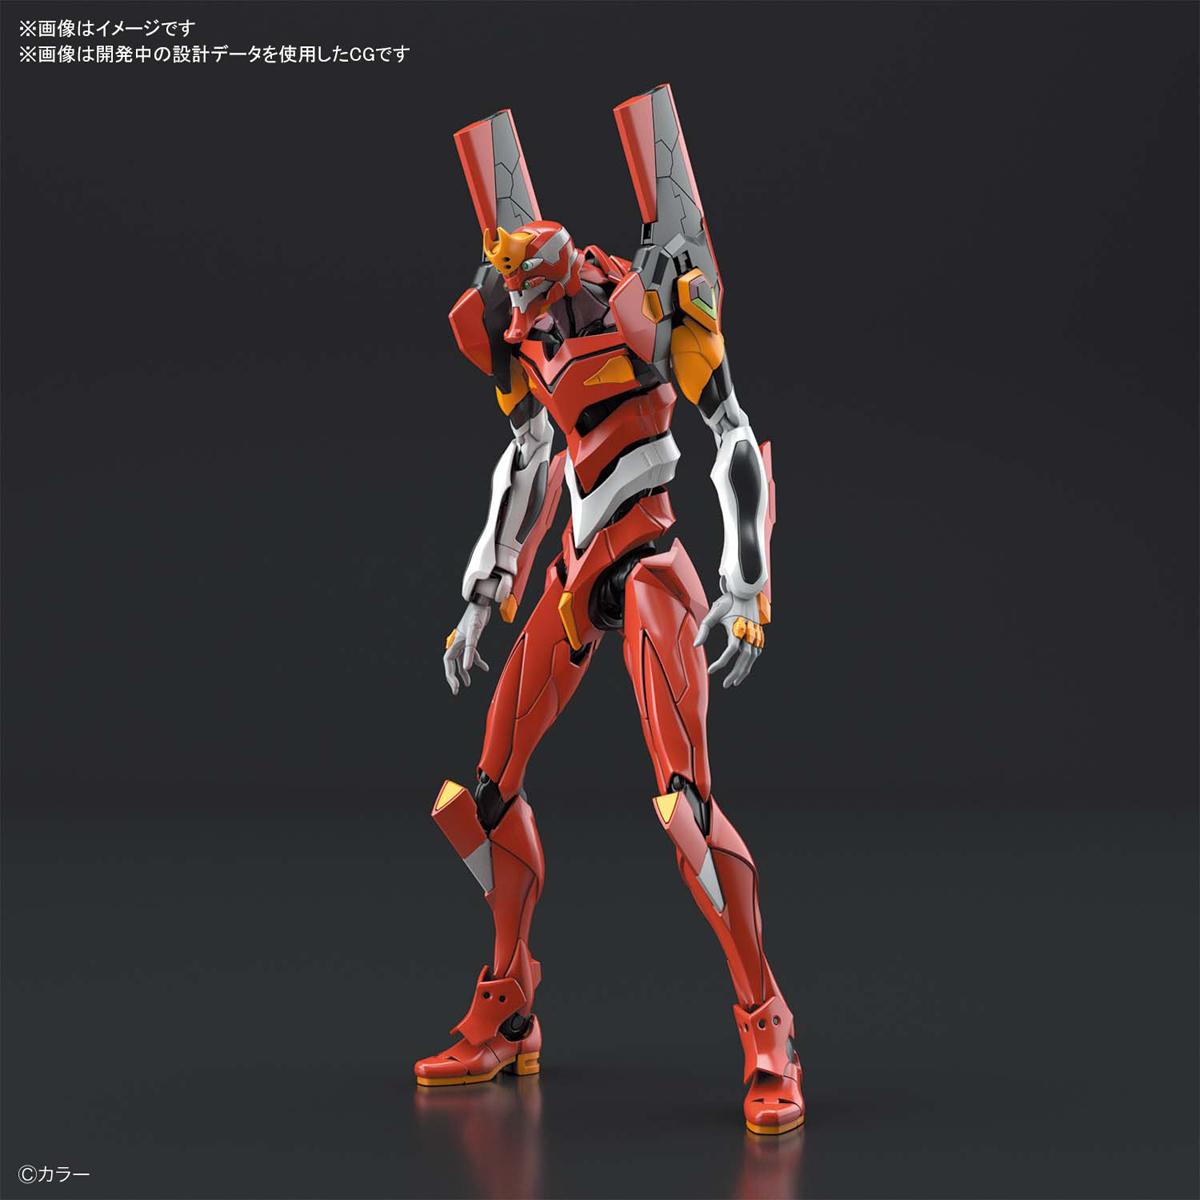 RG『汎用ヒト型決戦兵器 人造人間エヴァンゲリオン 正規実用型 2号機(先行量産機)』プラモデル-001